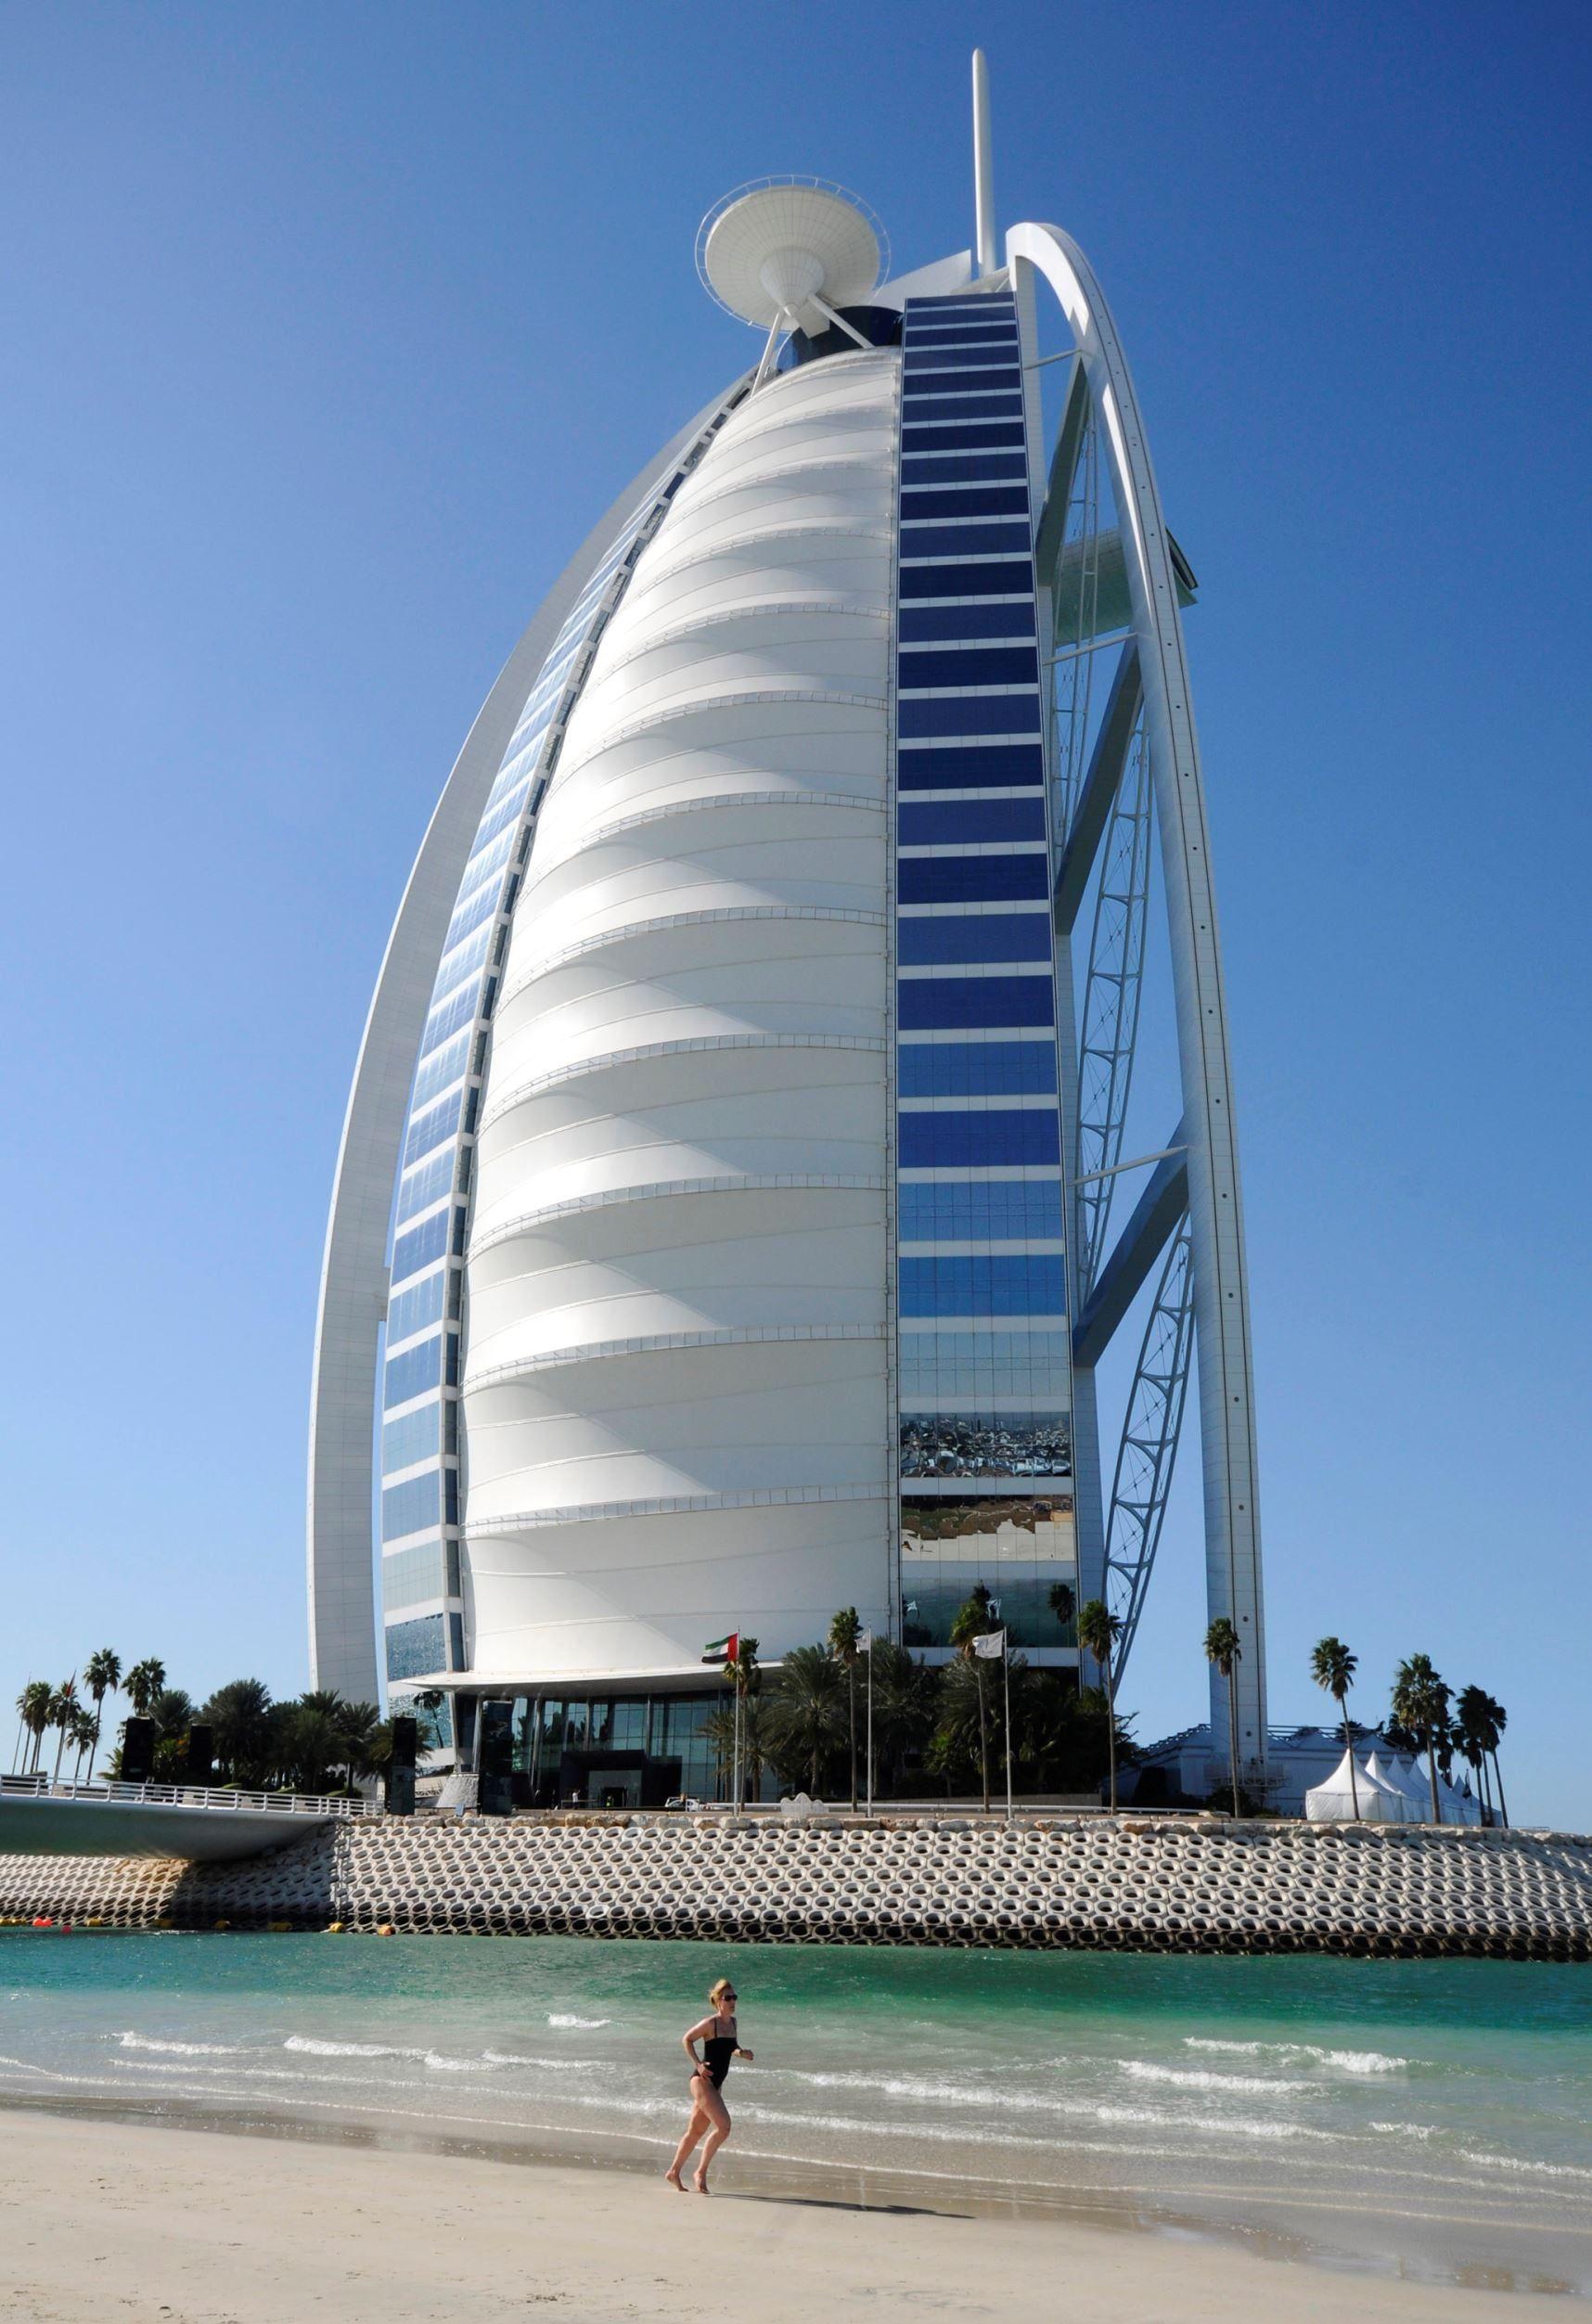 60 Maravillas Del Mundo Que Debes Visitar Maravillas Del Mundo Dubai Arquitectura Ideas De Viaje